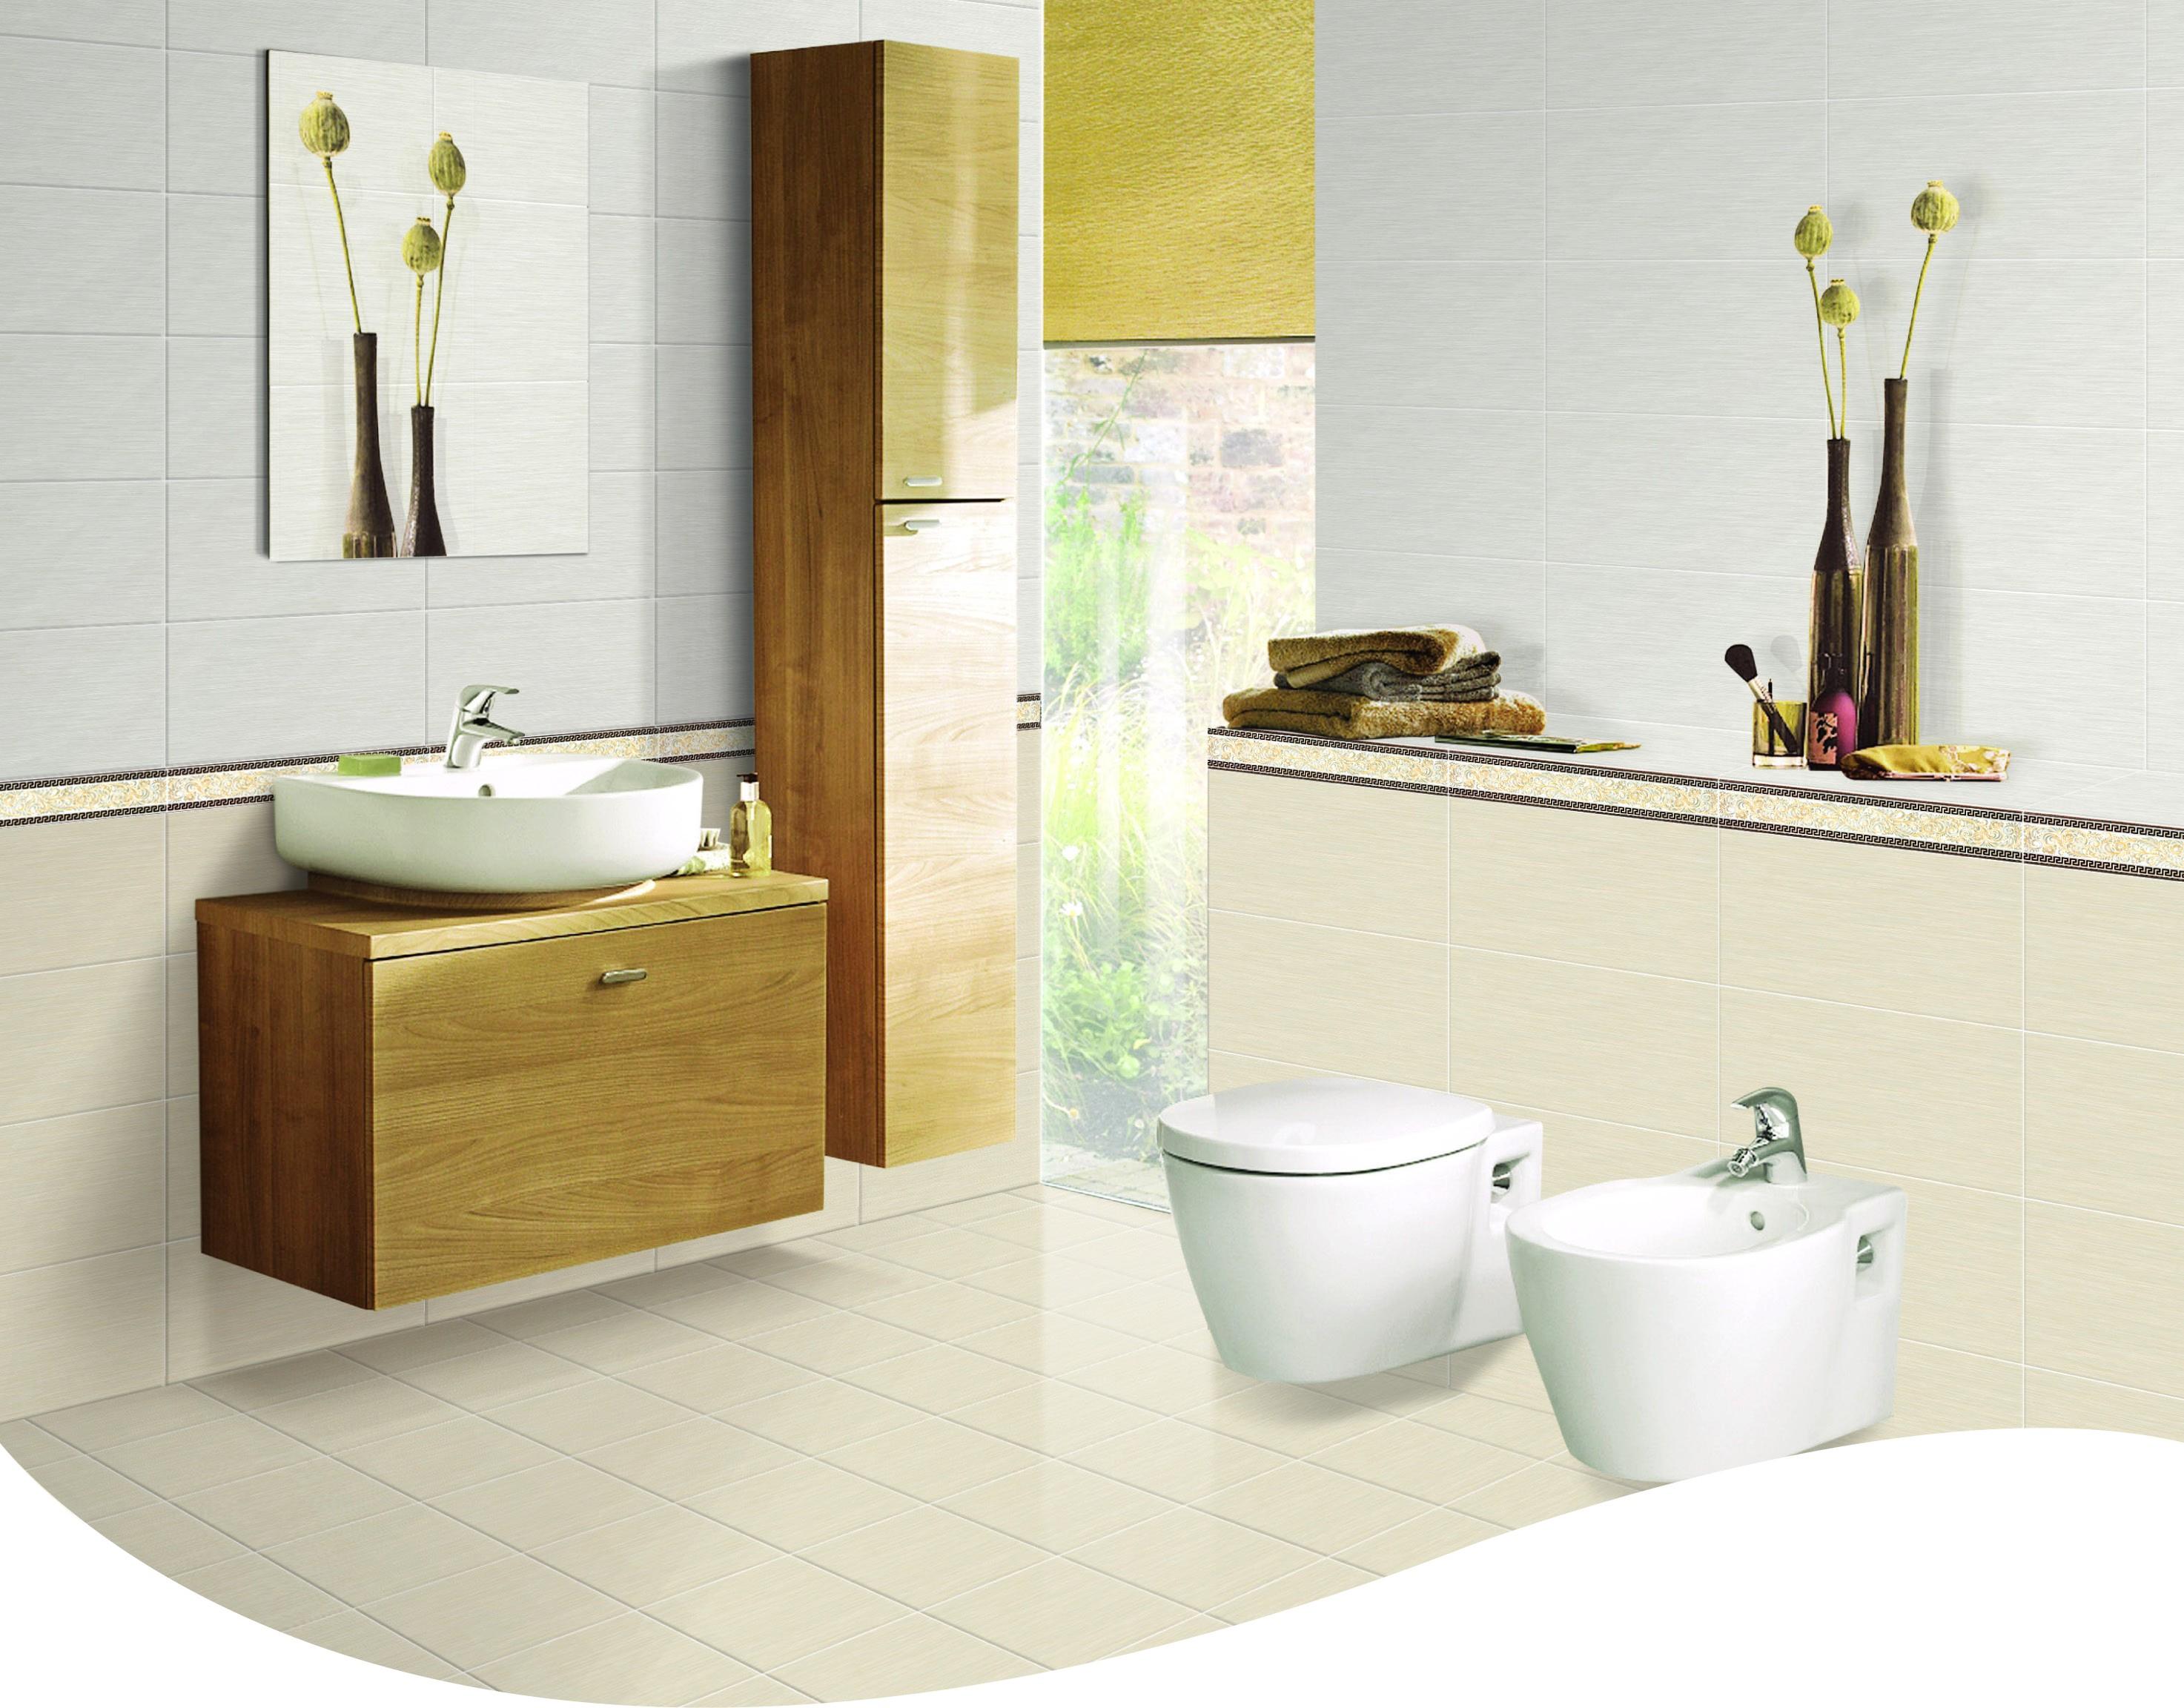 Kinh nghiệm mua thiết bị vệ sinh của kỹ sư đầu ngành